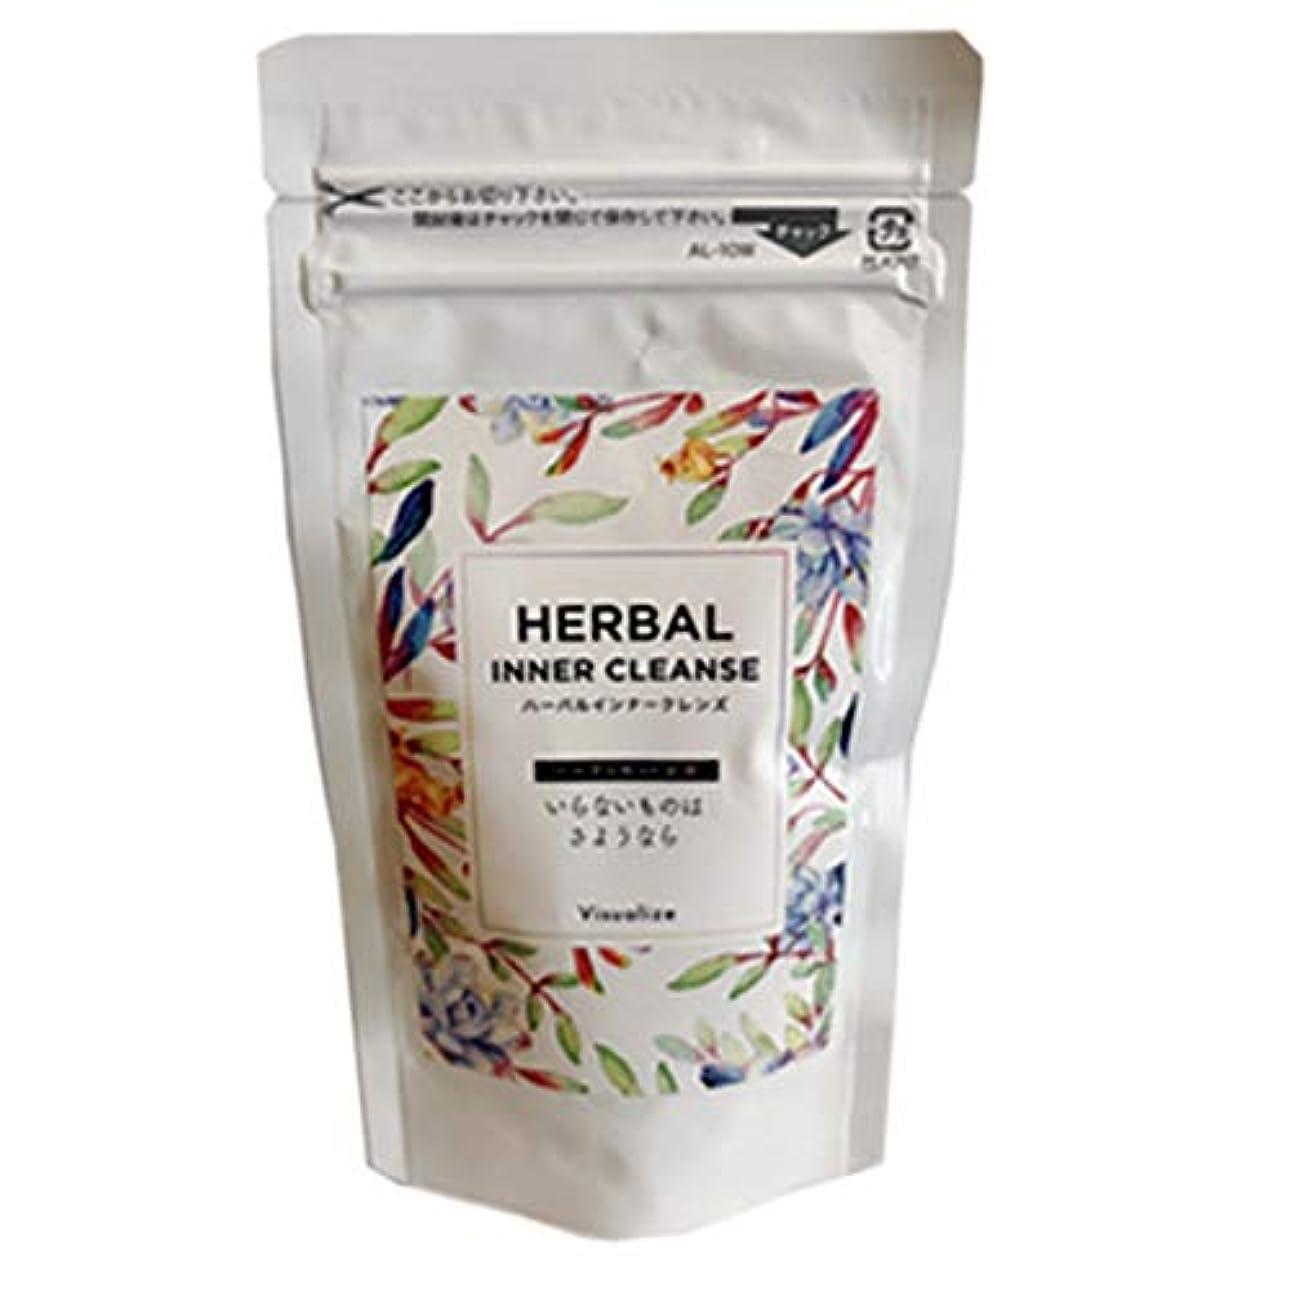 幸運市の中心部レビューハーバルインナークレンズ Herbal INNER CLEANZE (150粒(tablets))2019/1/8より順次発送